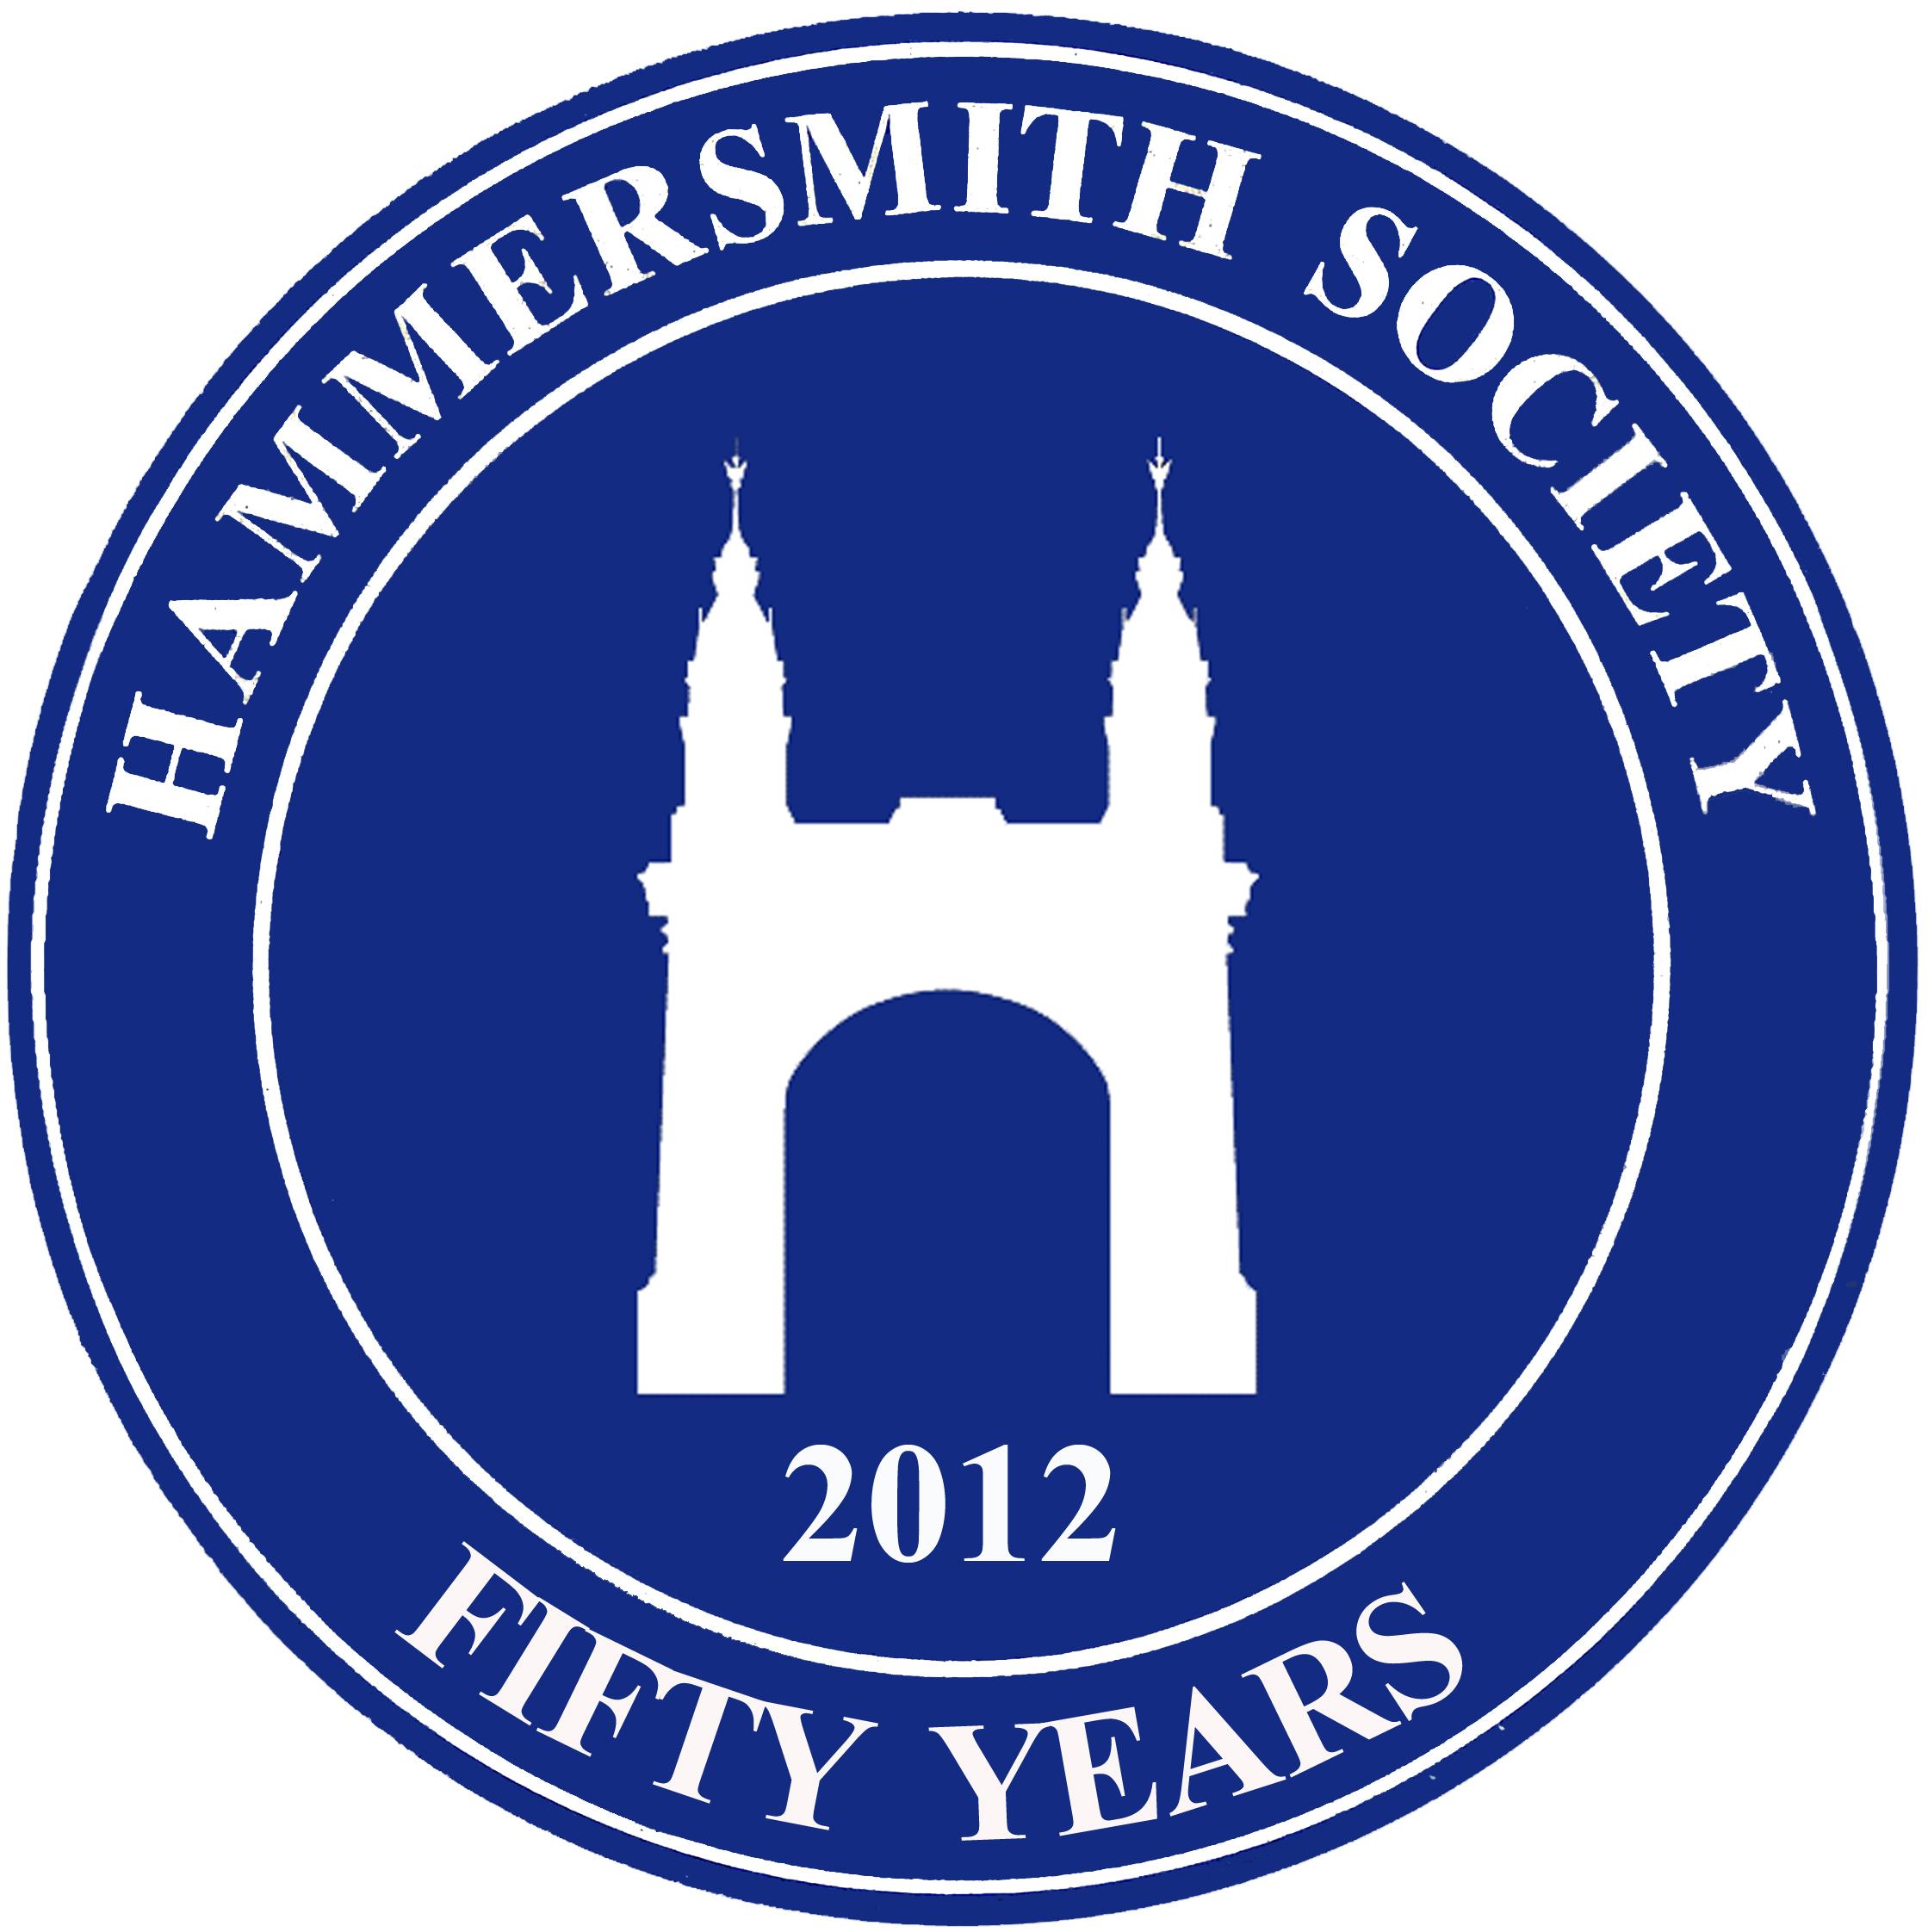 Hammersmith Society Logo 2012